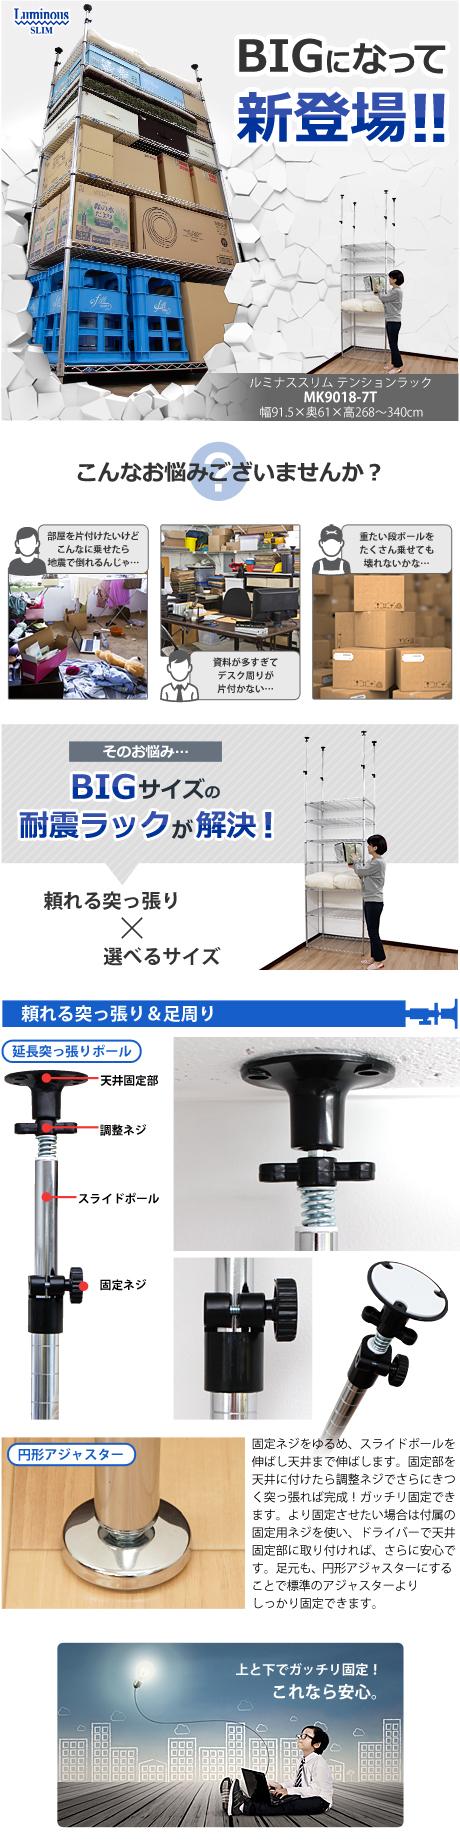 BIGになって新登場!!mk9018-7t